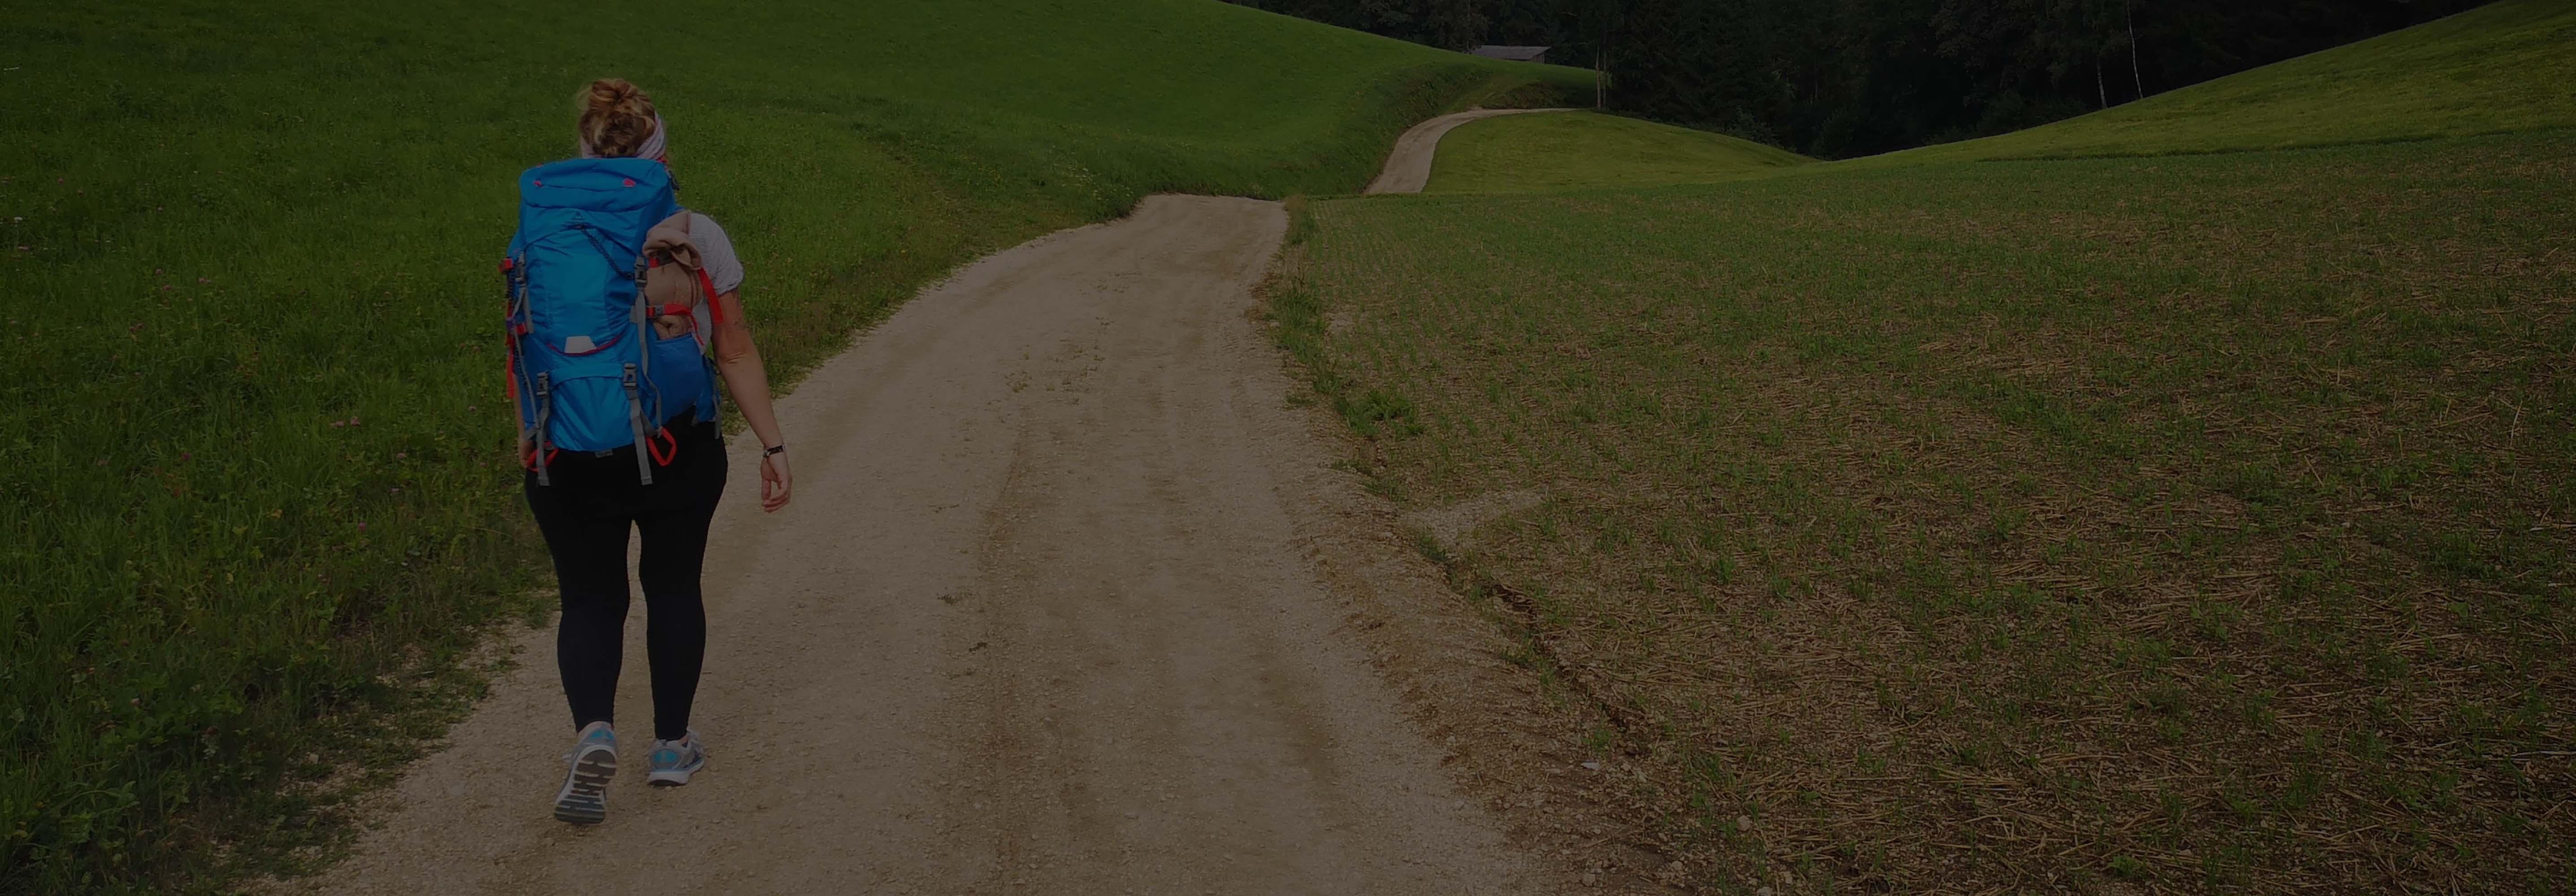 Jakobsweg Rucksack, Pilger Rucksack, mapuera Camino Azul Rucksack